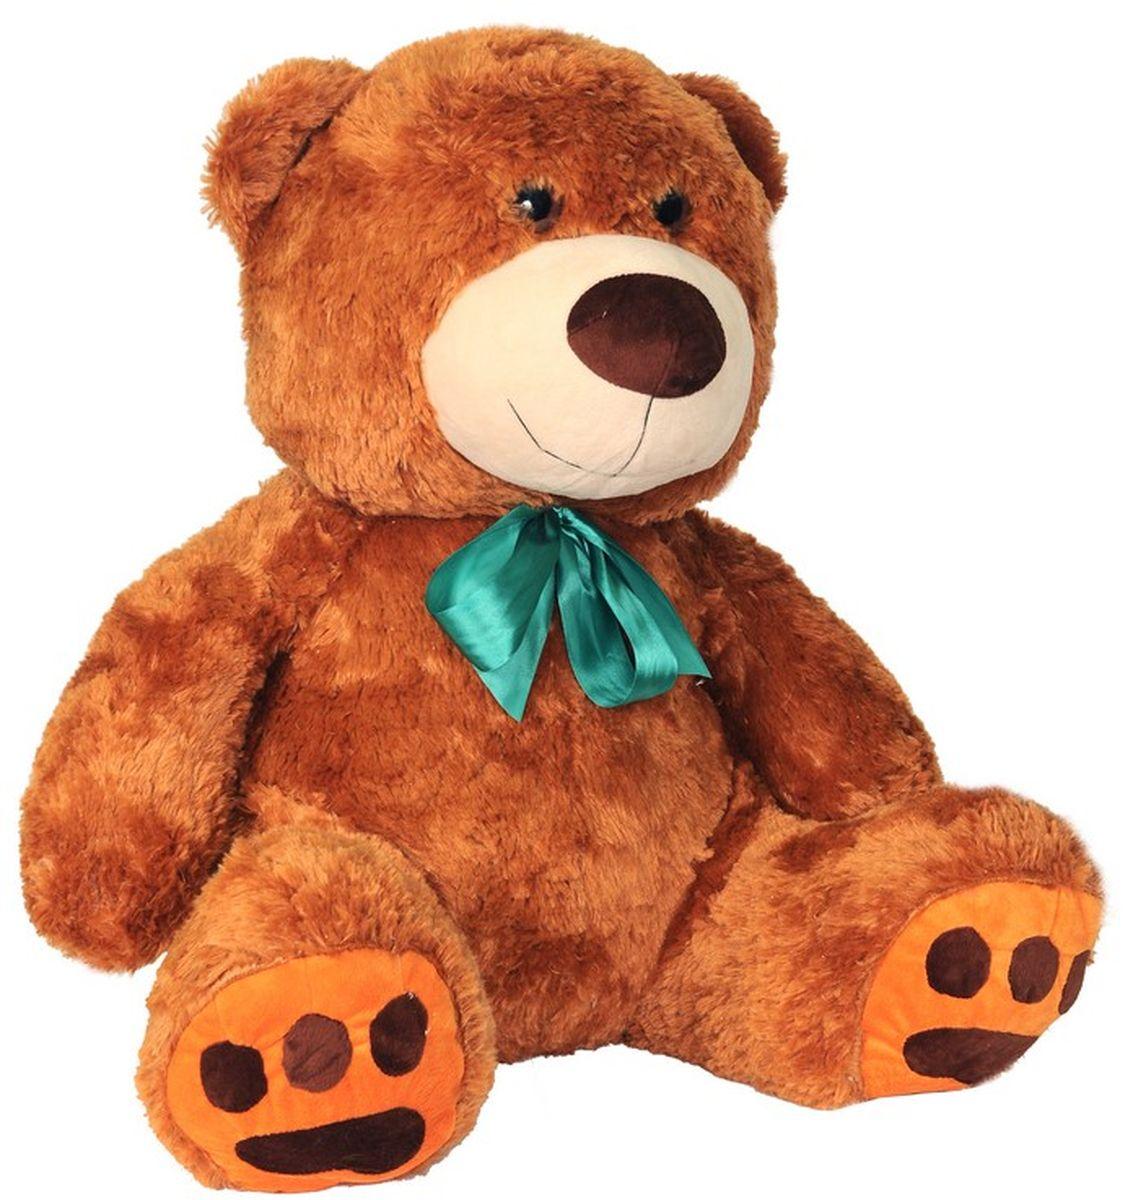 СмолТойс Мягкая игрушка Медведь цвет коричневый 70 см флиппер тойз мягкая игрушка черепаха тортила 70 см 632416